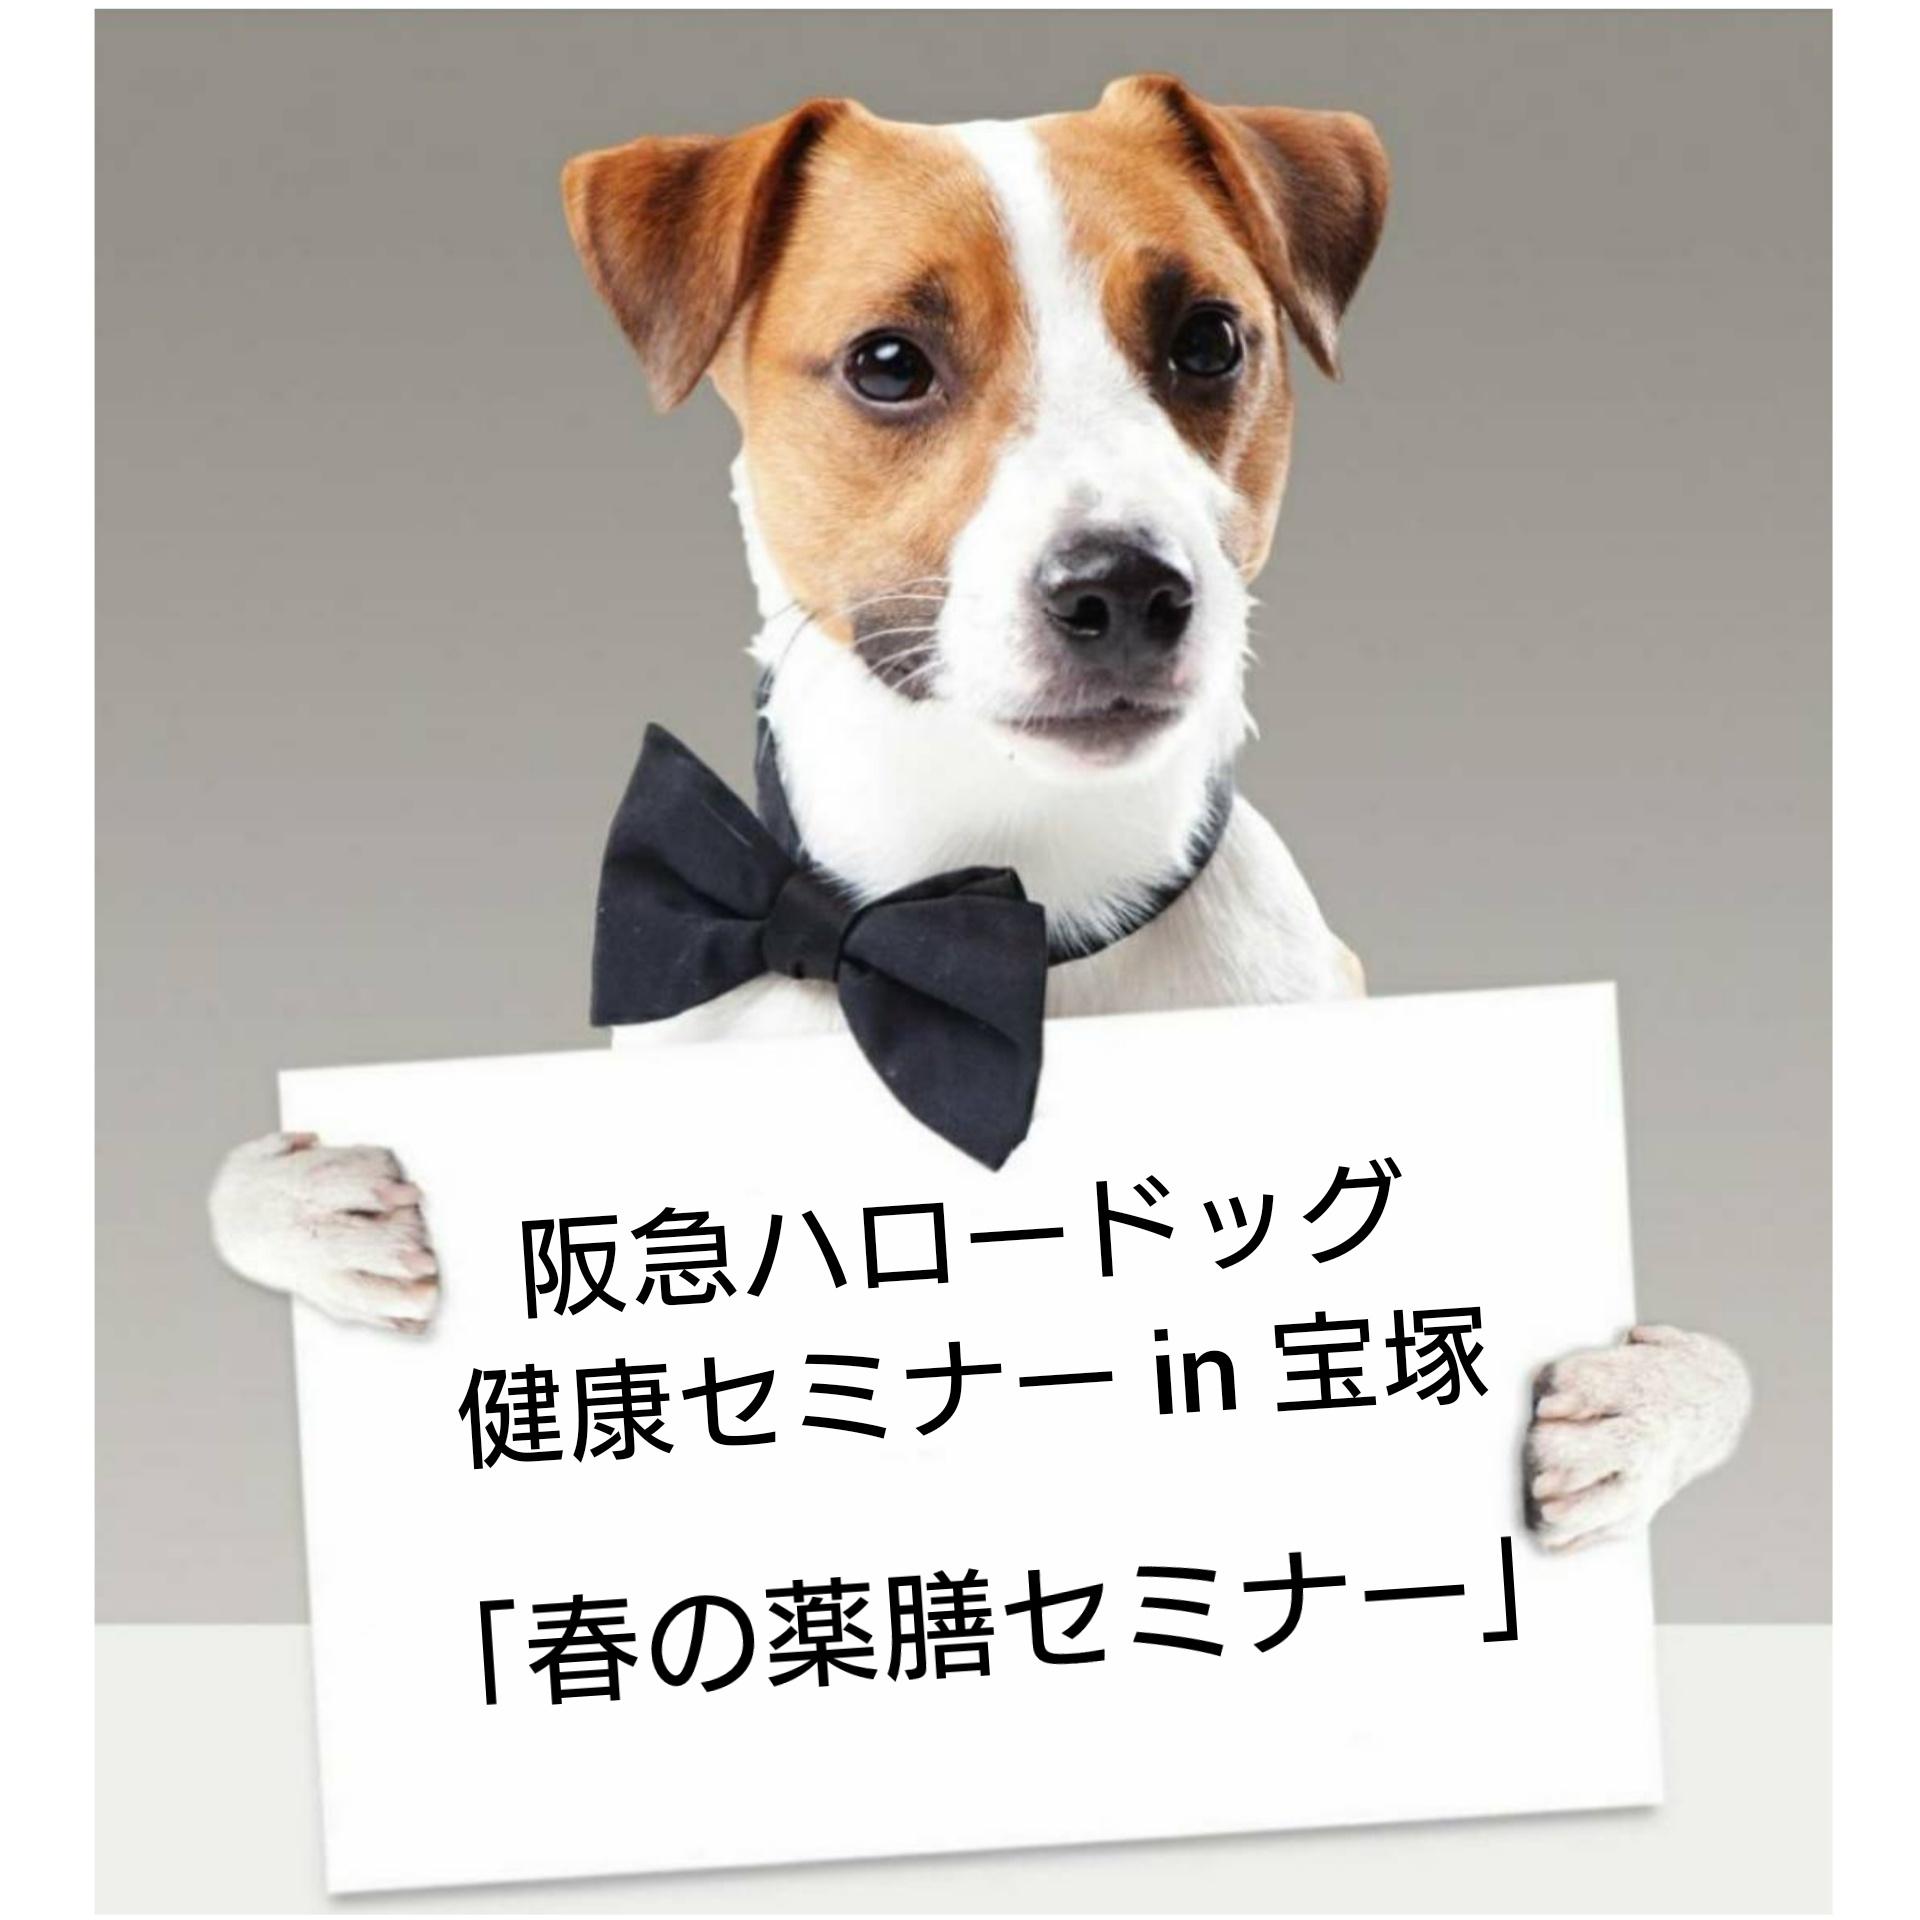 2021/3/27 宝塚 健康セミナー「春の薬膳セミナー」